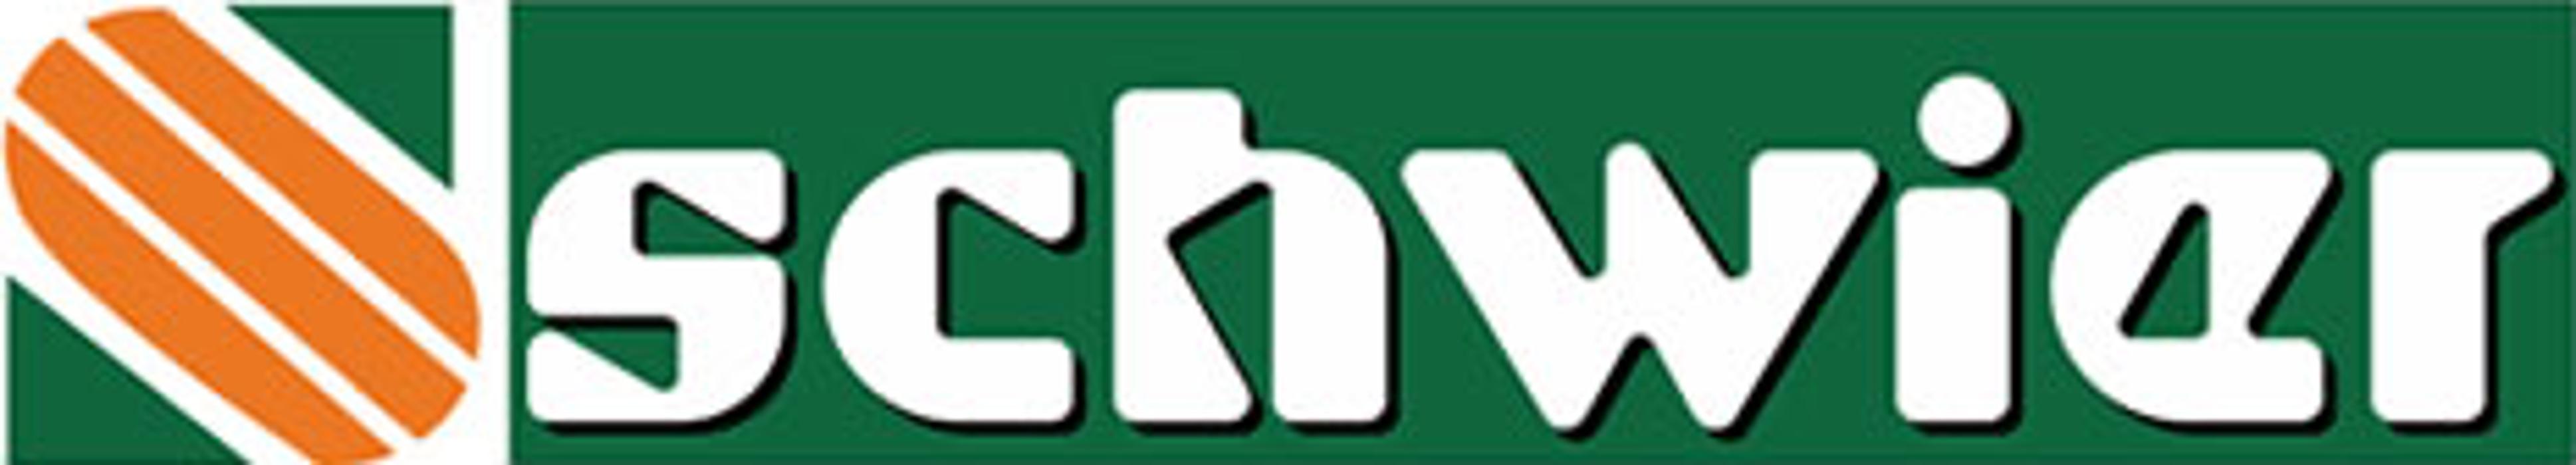 Bild zu Gebr. Schwier Holzhandel GmbH & Co KG in Stadthagen